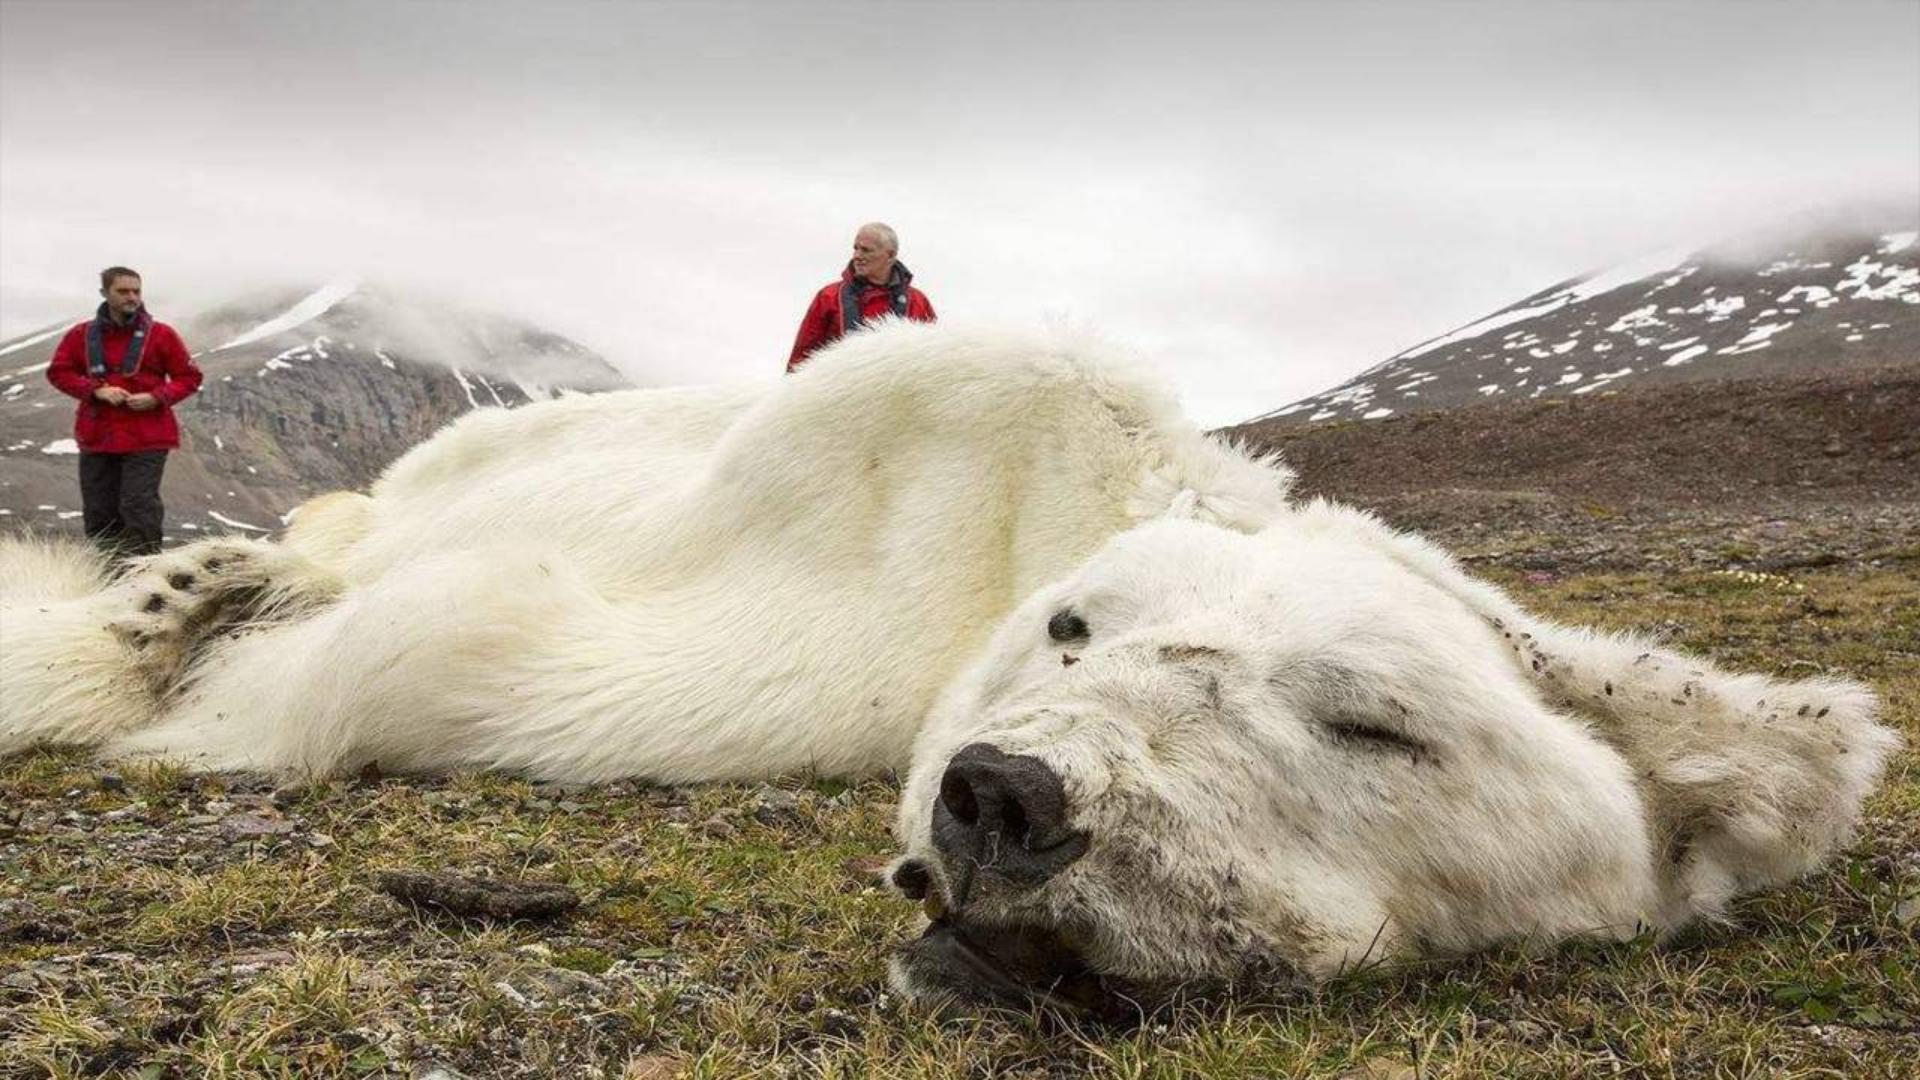 为什么给快要饿死的北极熊喂食,是犯法行为?